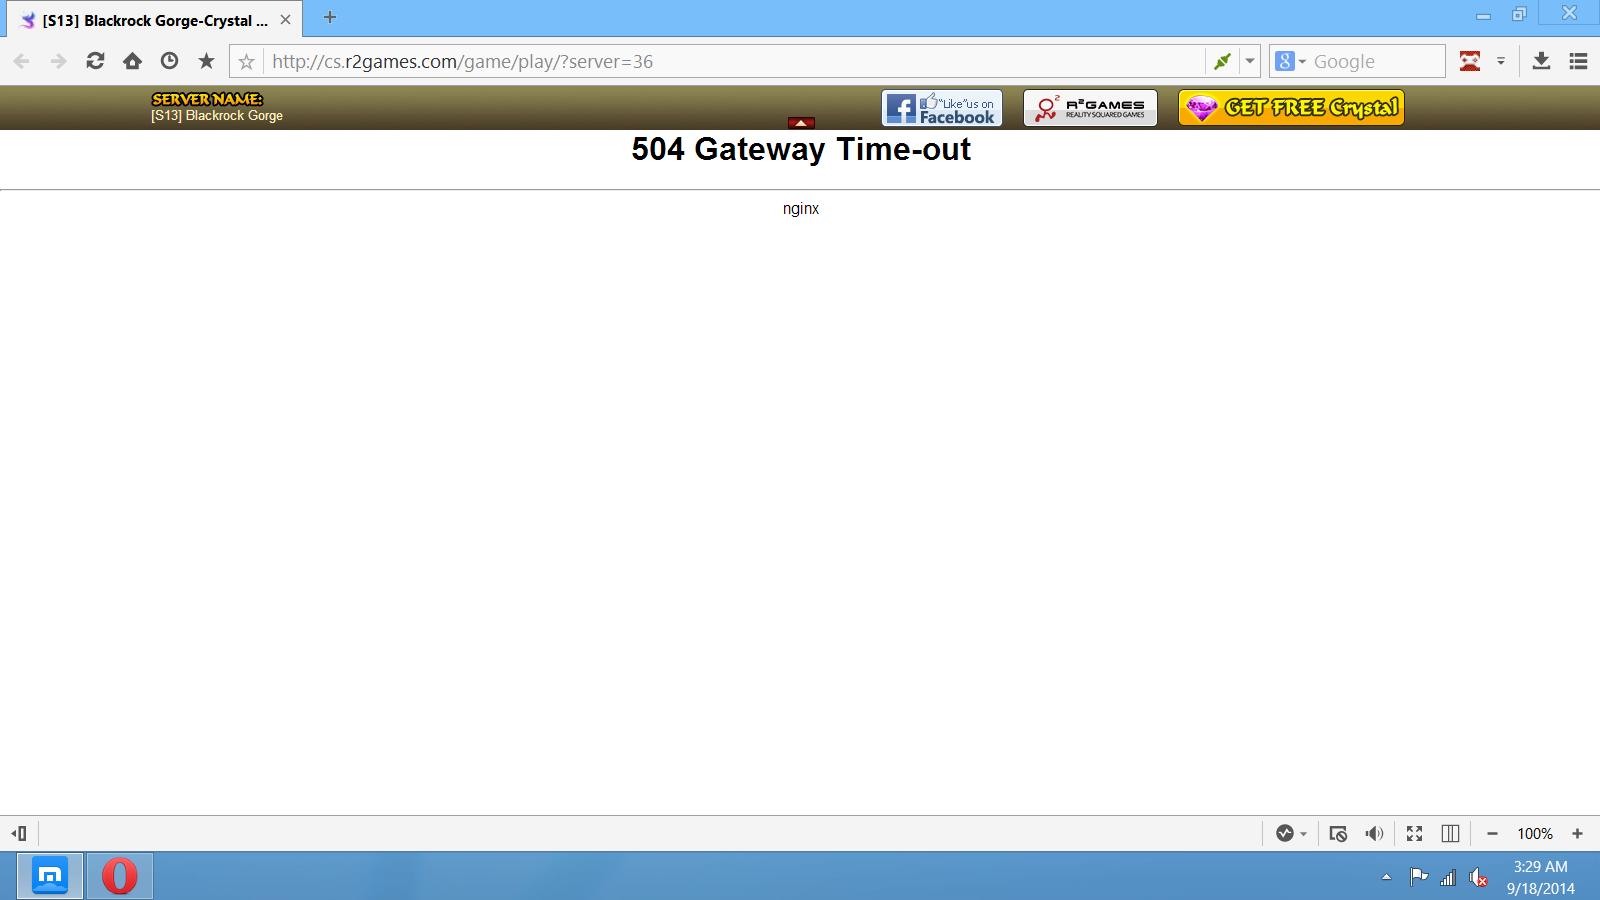 504 Gateway Time-Out